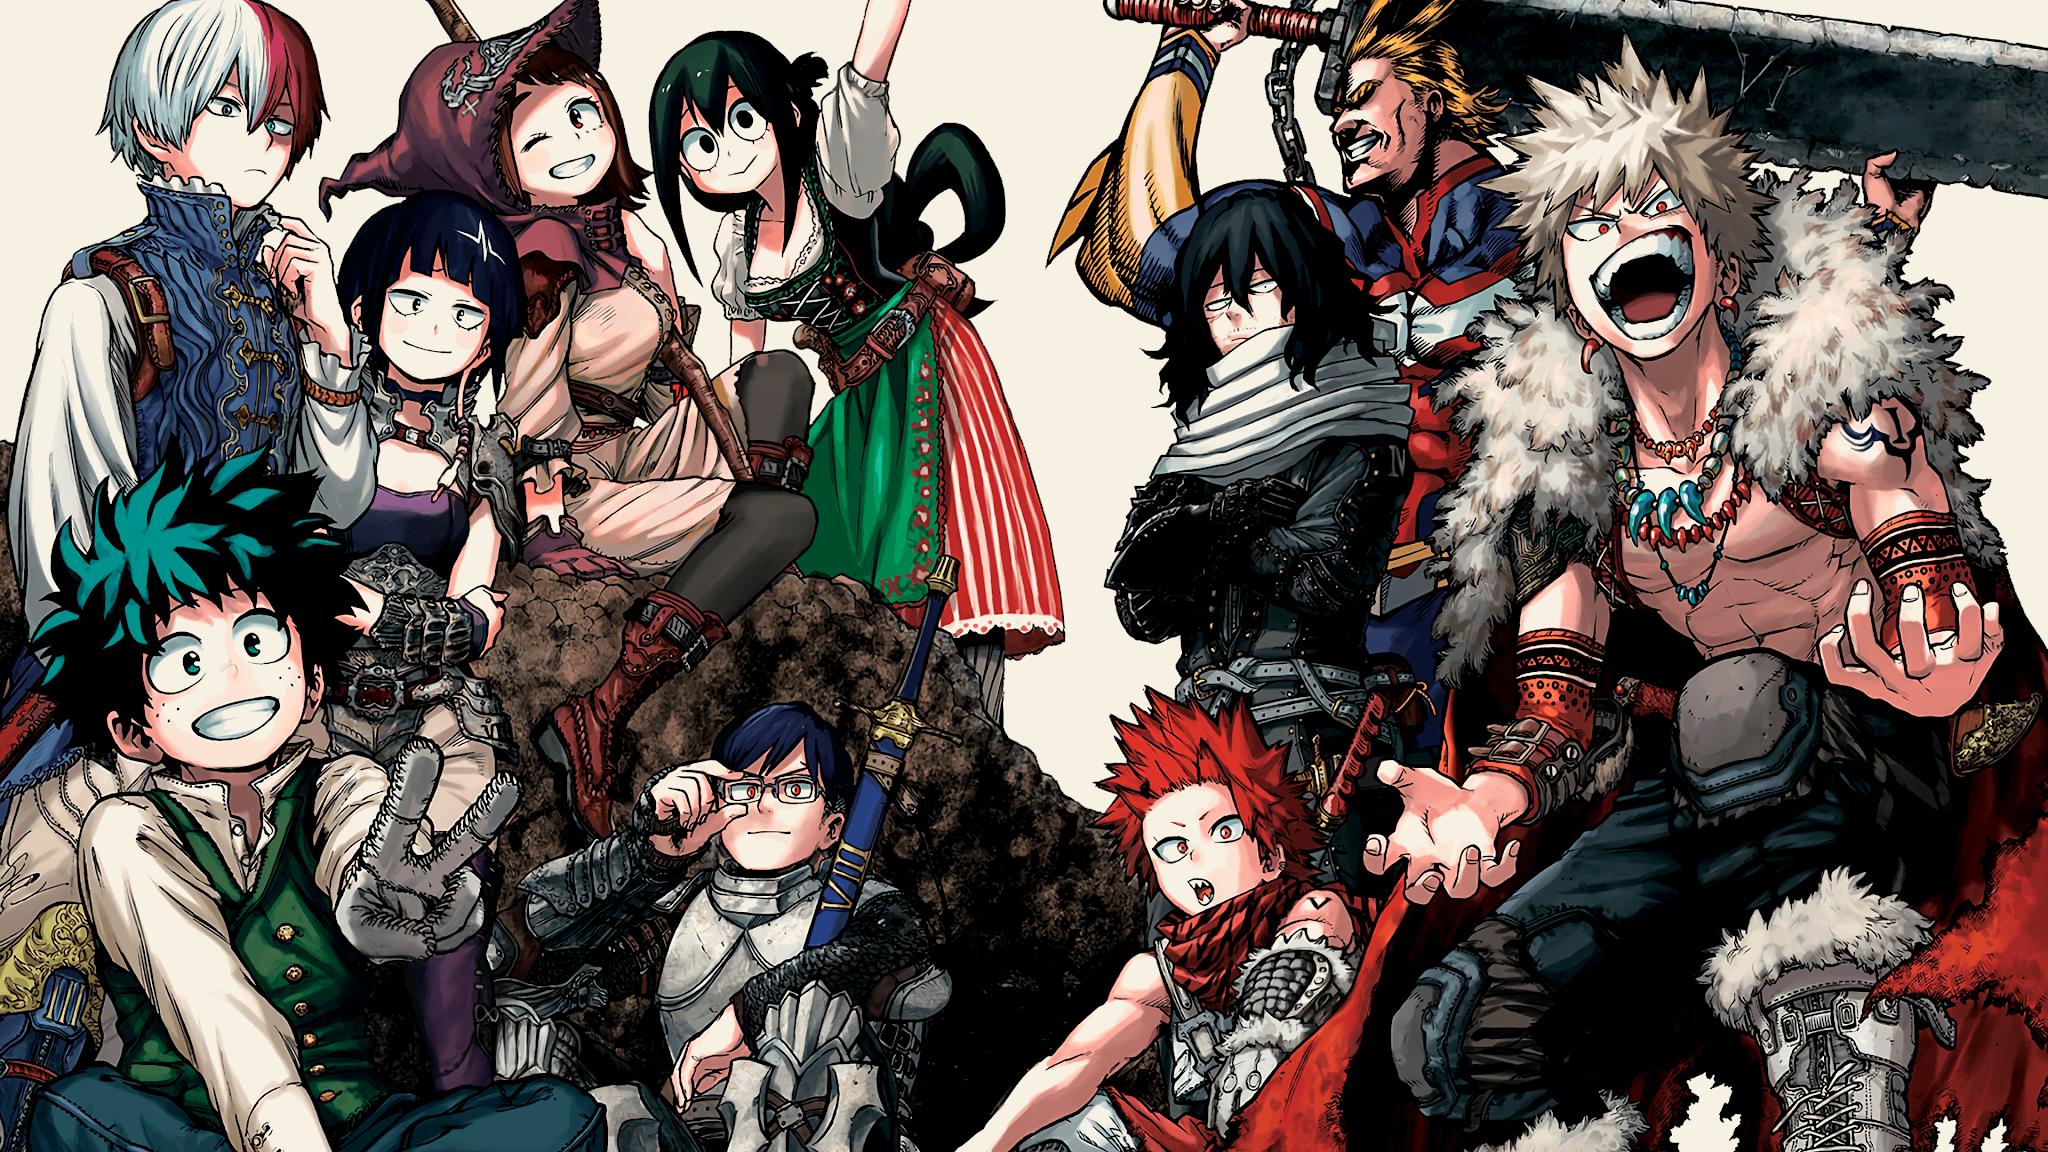 4k anime wallpaper reddit